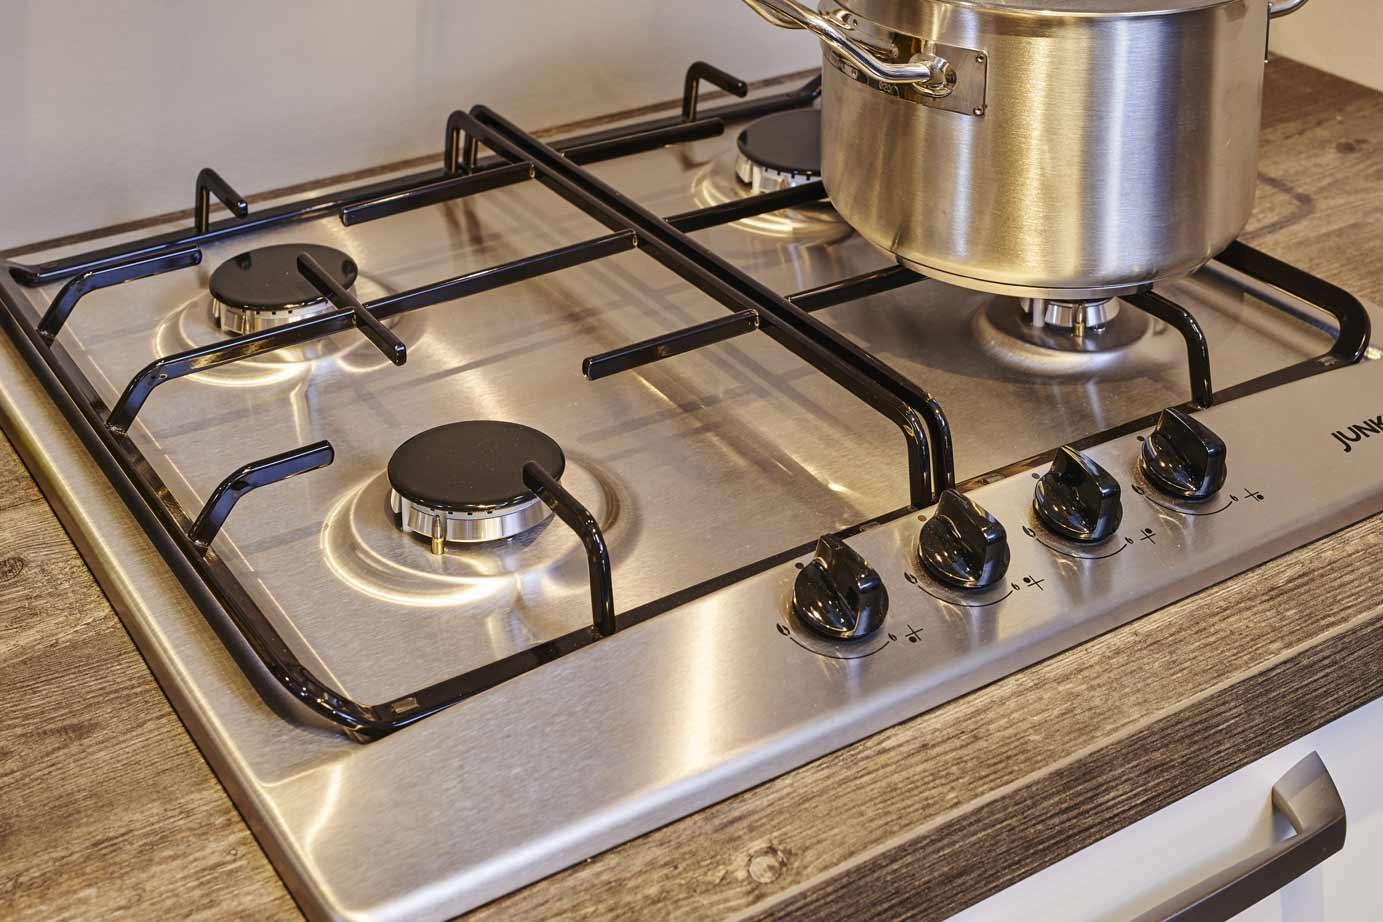 Goedkope Keuken Kopen : Goedkope keuken kopen met beste prijs kwaliteitsverhouding ardi